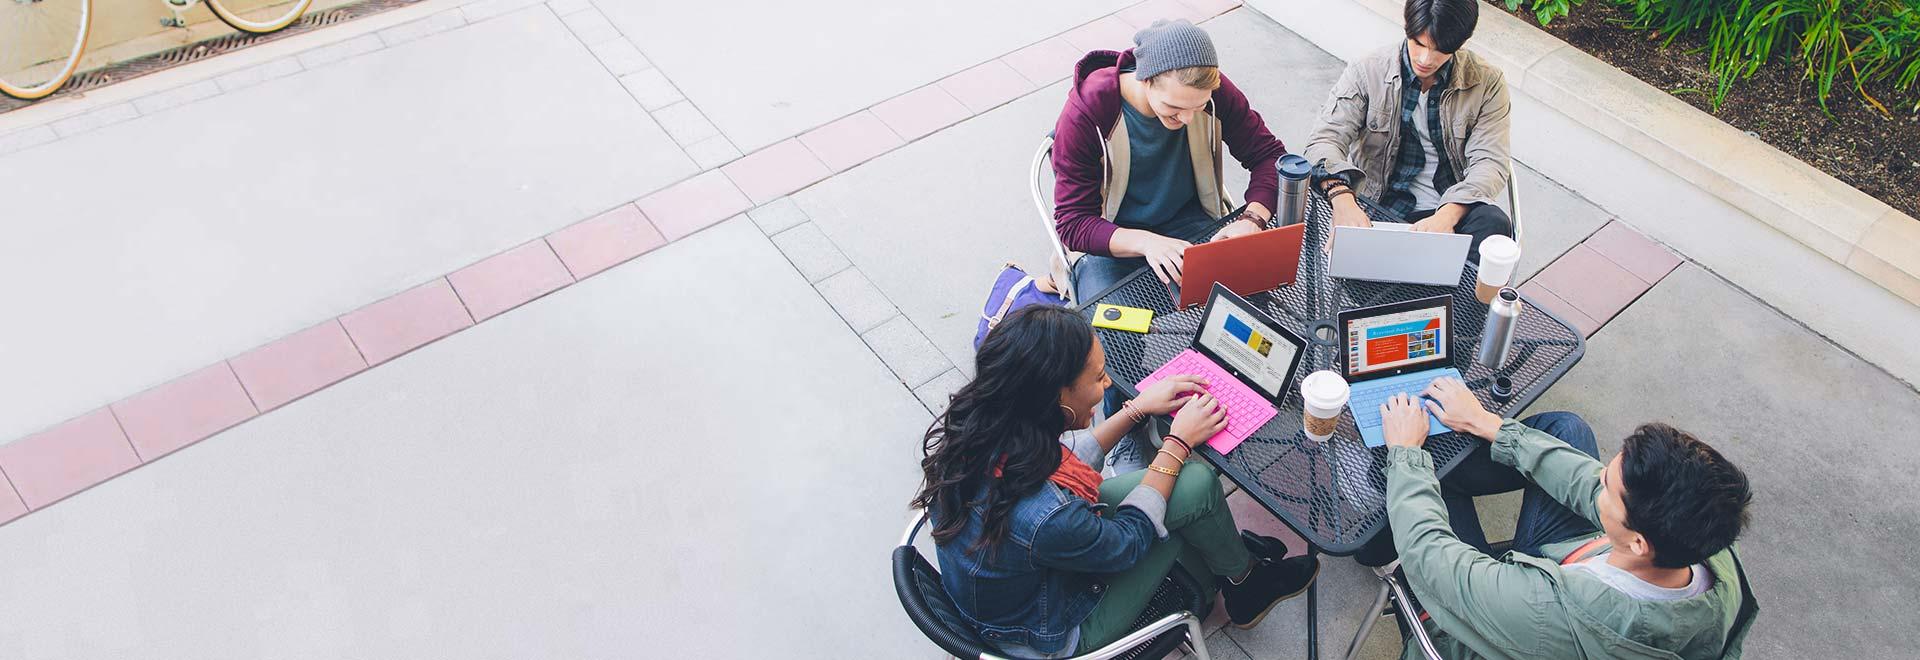 Patru elevi la o masă în aer liber, utilizând Office 365 Education pe tablete.